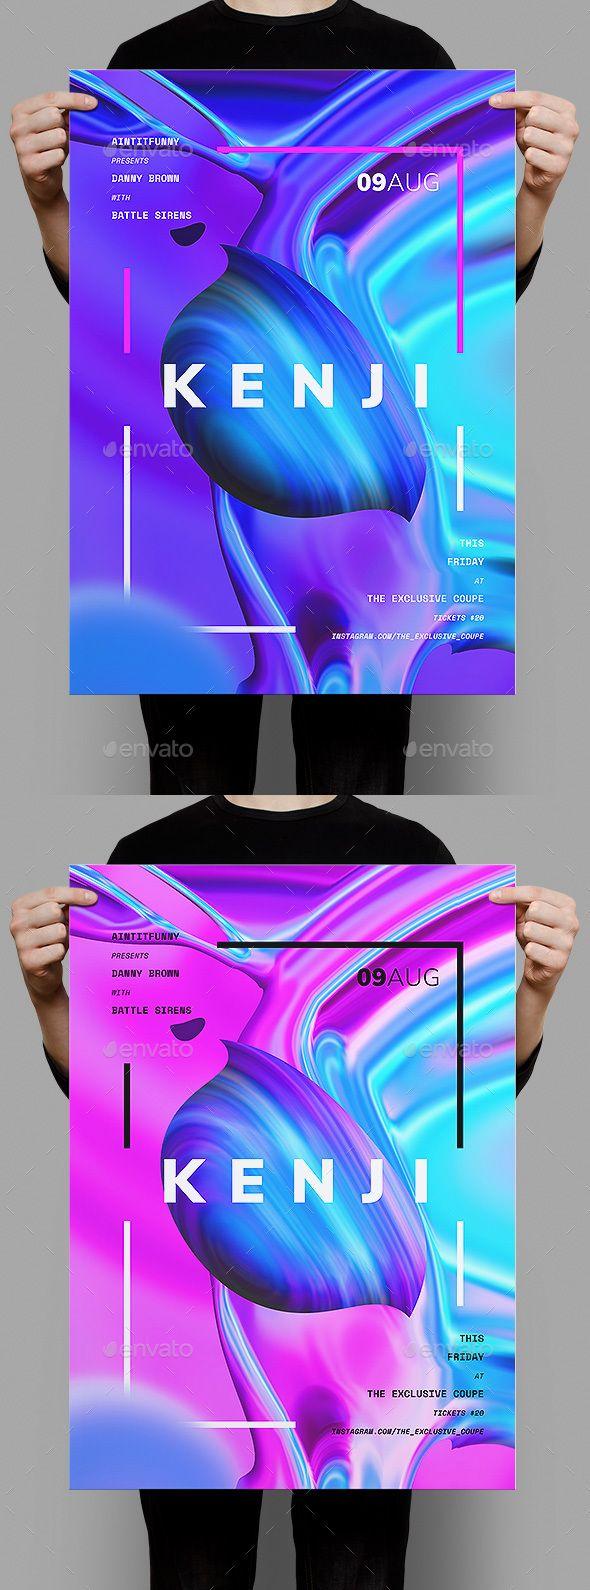 Kenji Poster / Flyer Template PSD